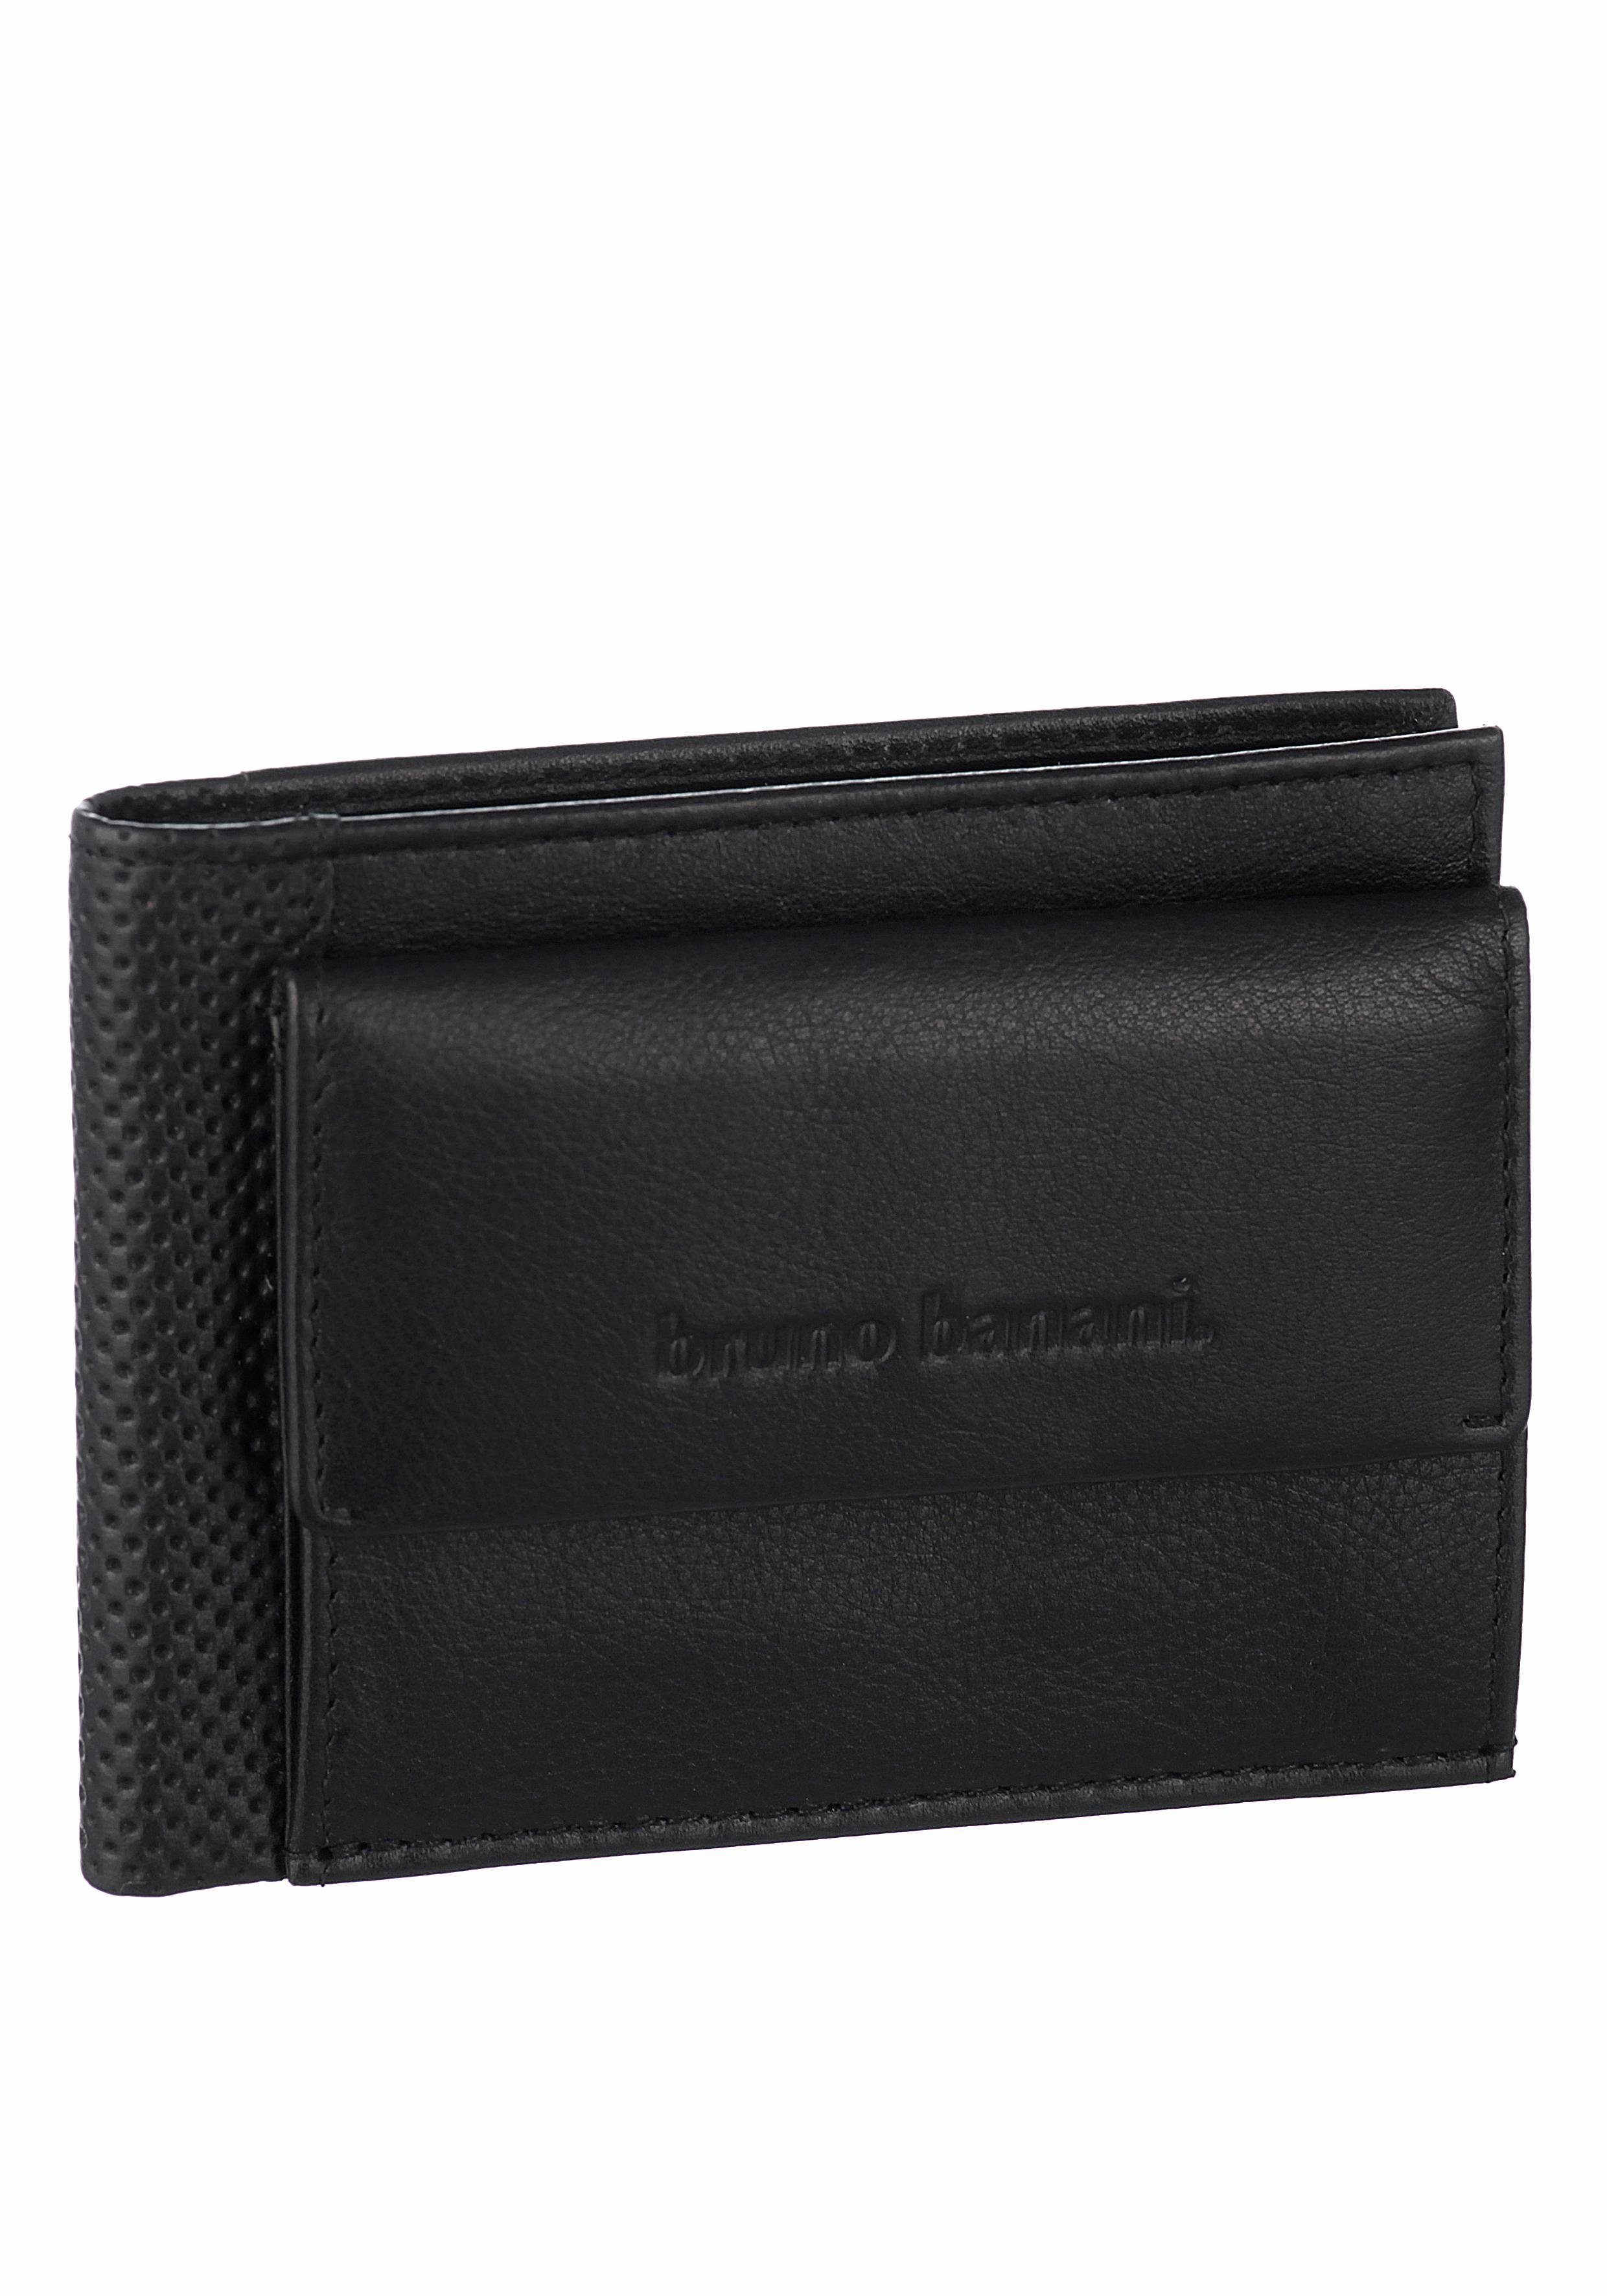 Bruno Banani Mini Geldbörse, im kleinen Format